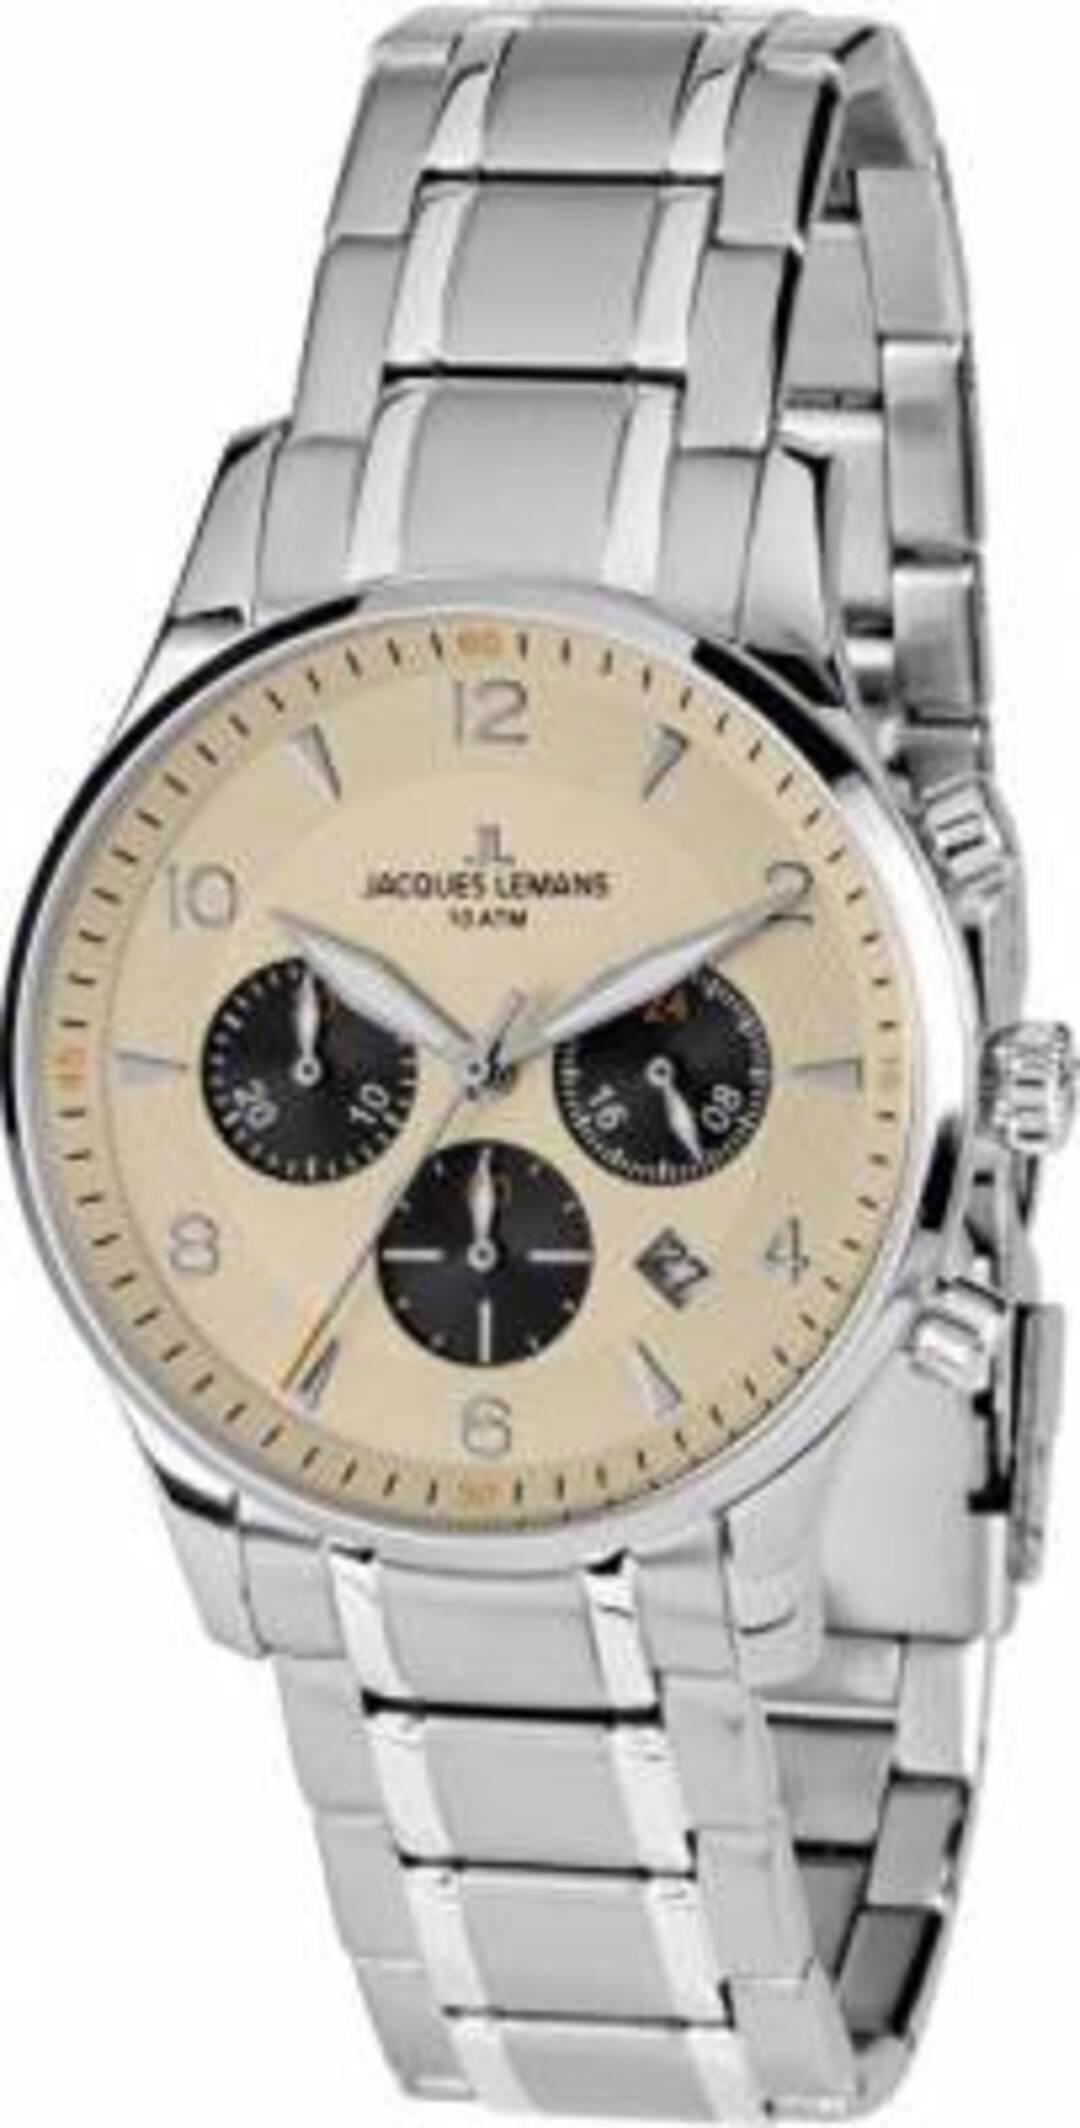 pánské hodinky JACQUES LEMANS LONDON 1-1654M - foto 1